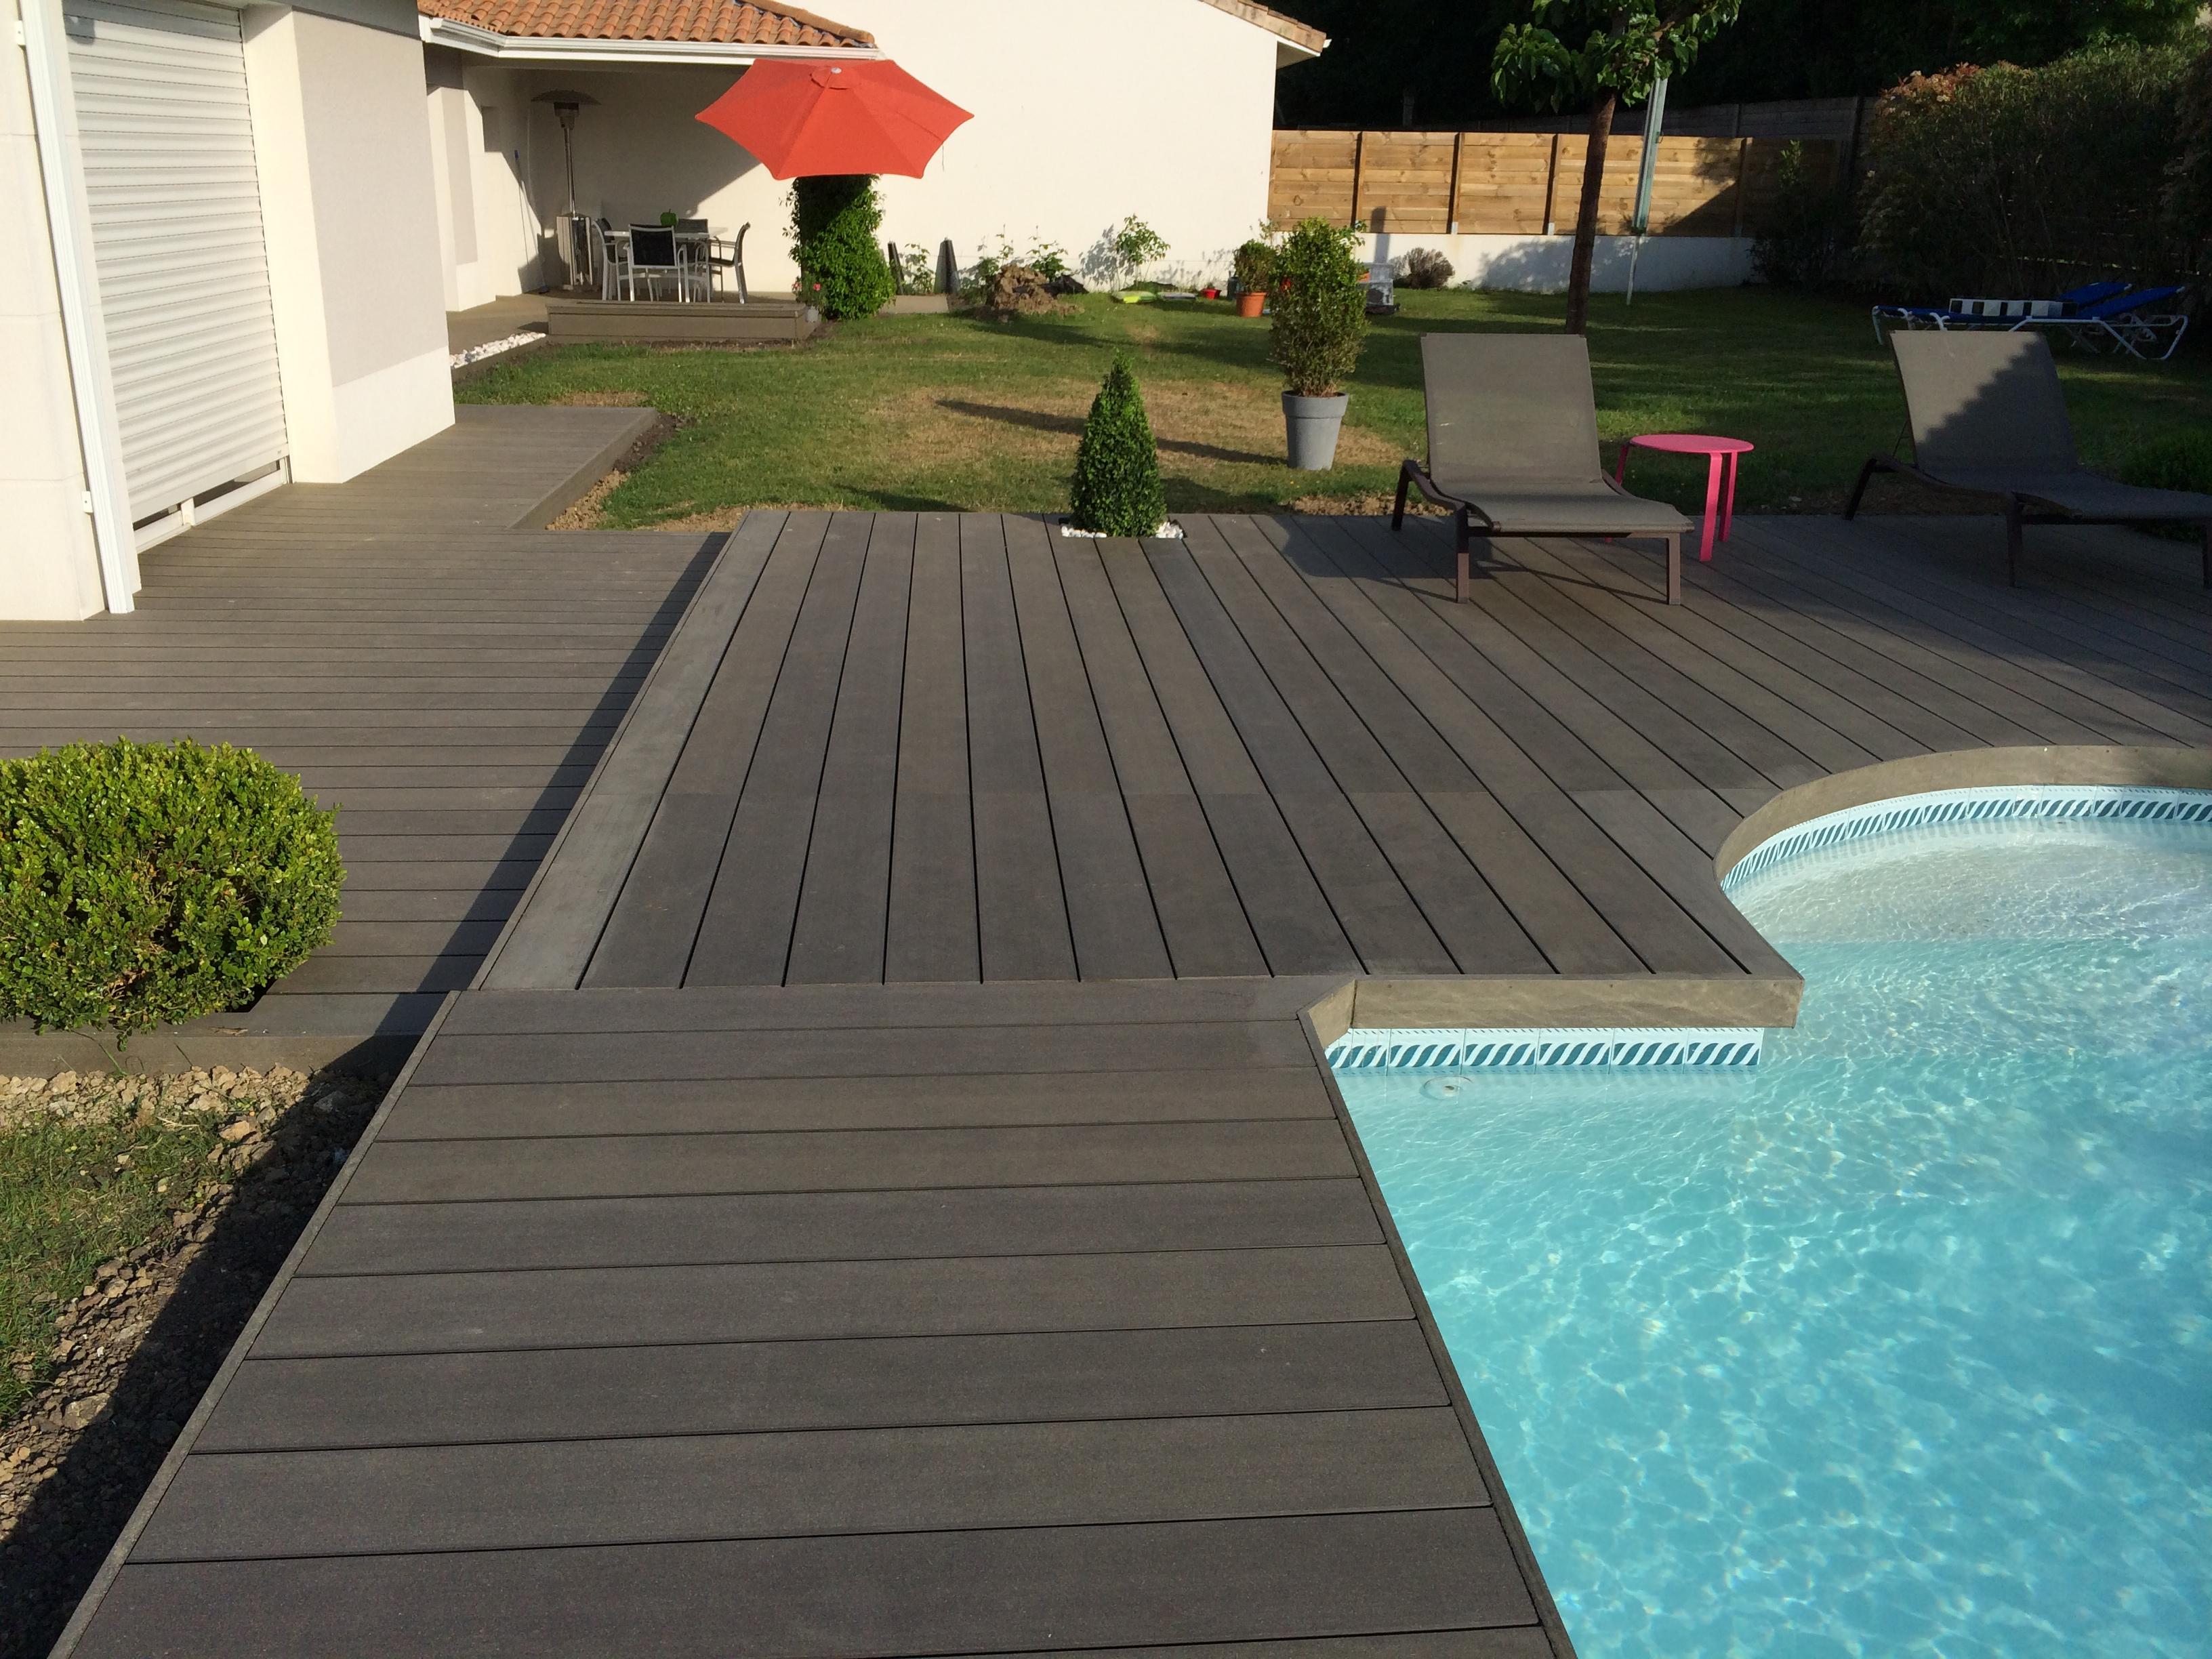 terrasse composite sylvadec a bordeaux (3)